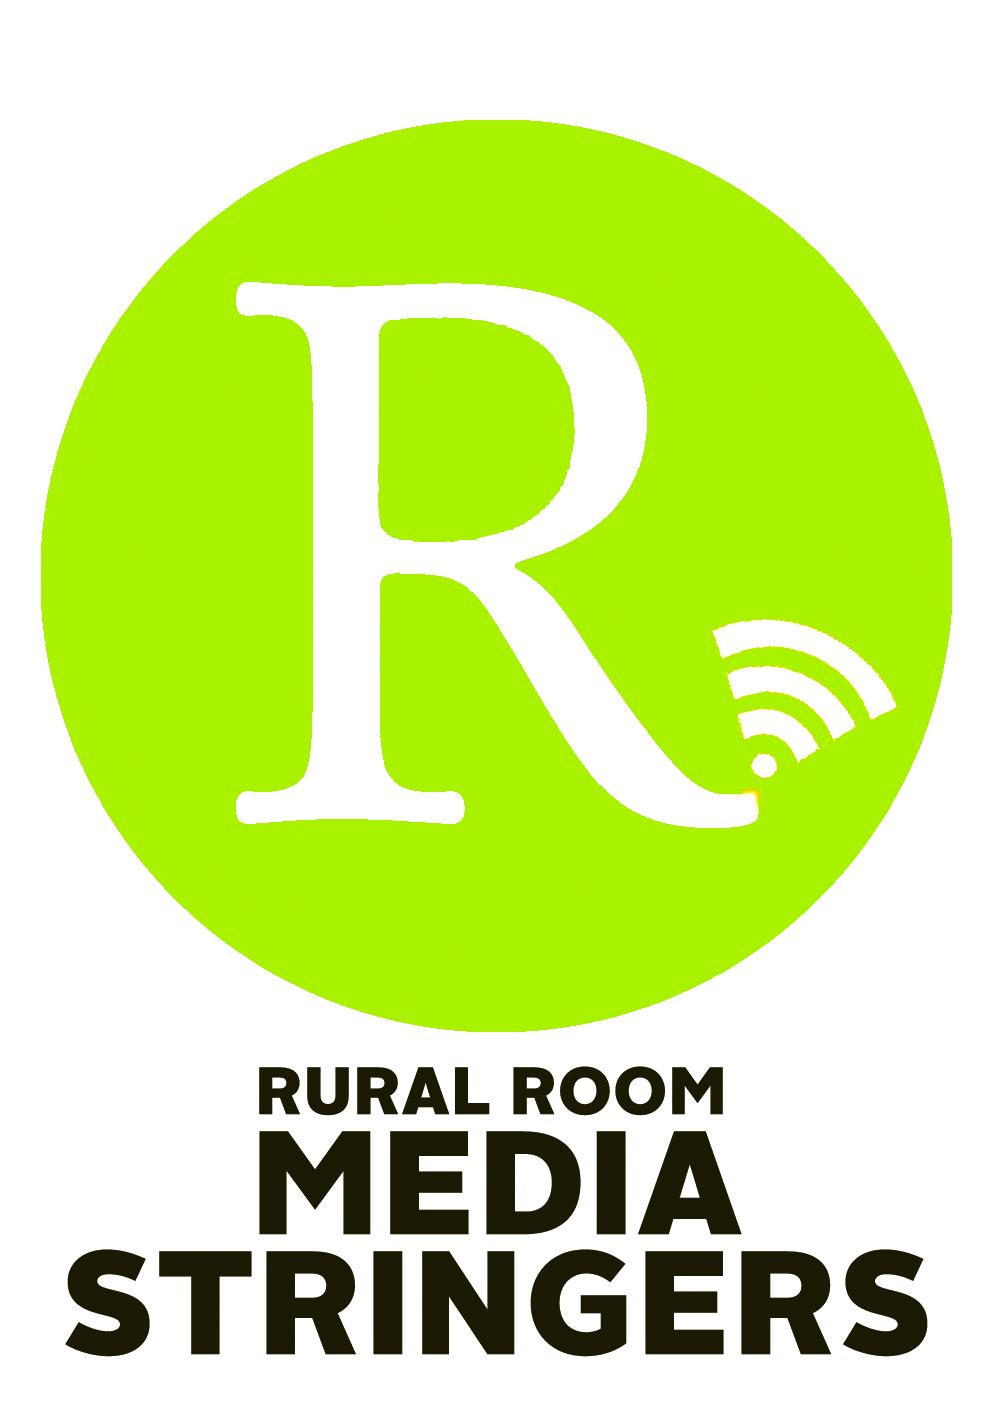 RRMediaStringers_WEB_logo copy.png